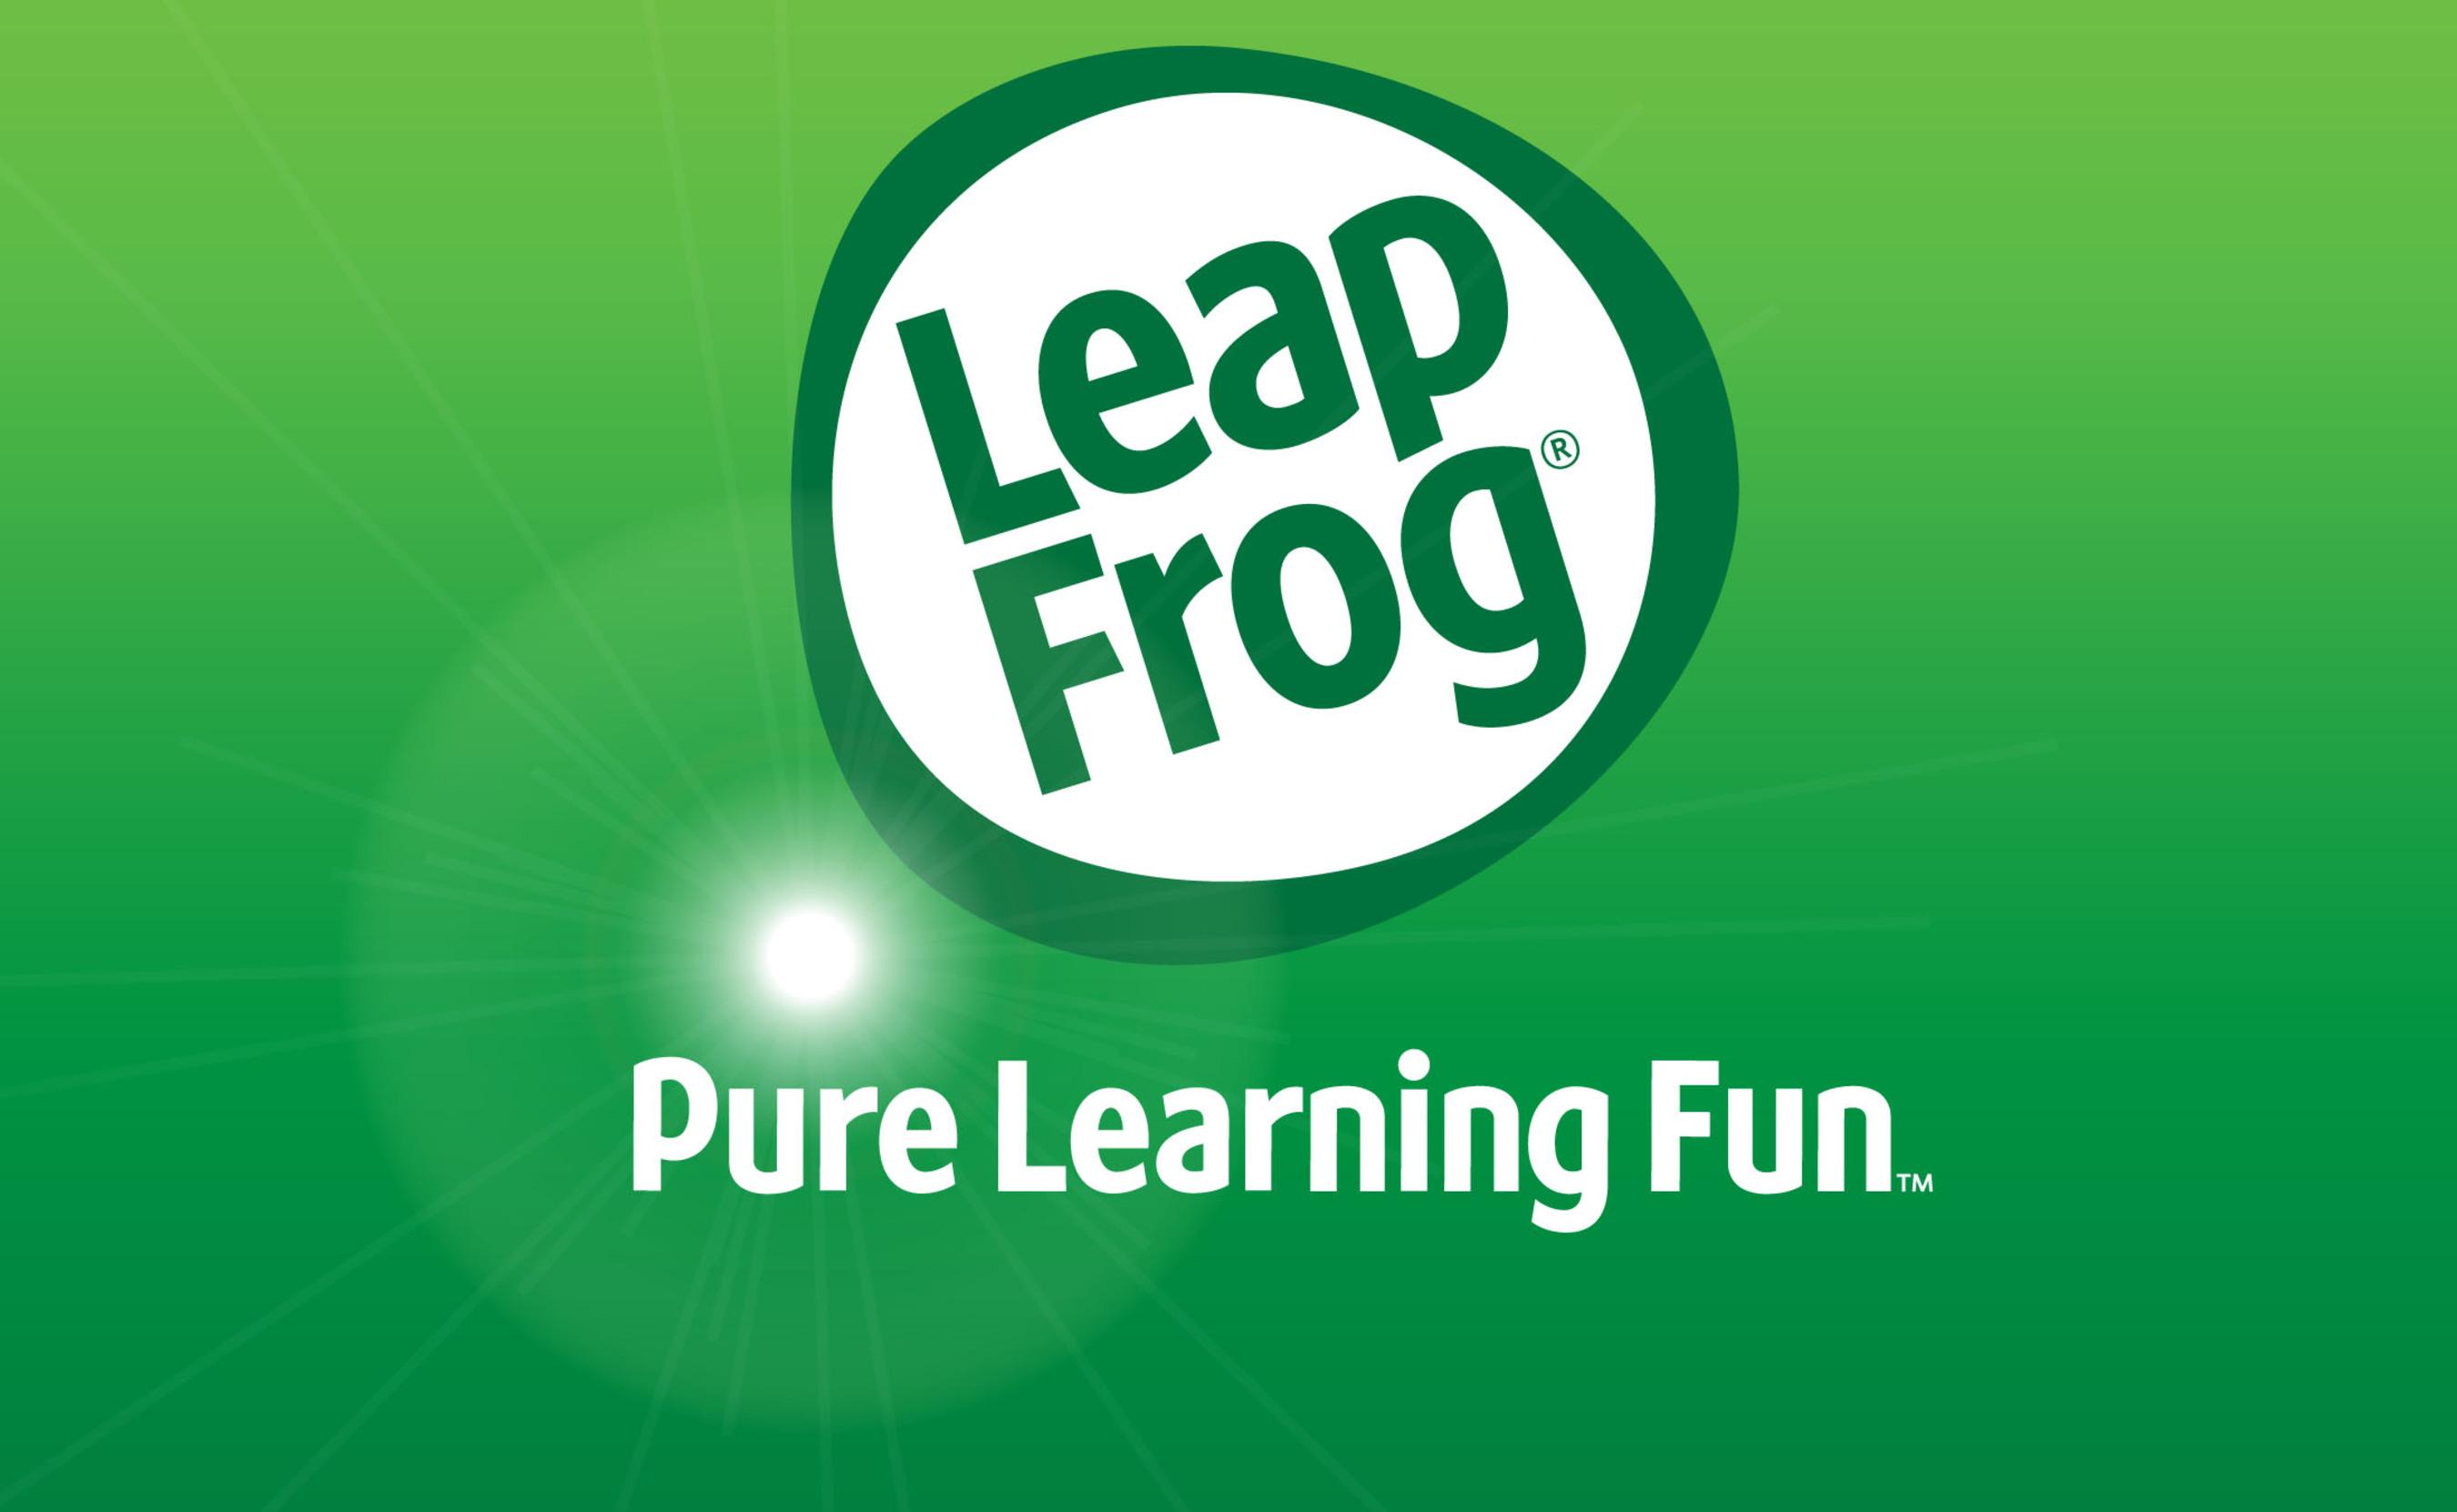 LeapFrog Enterprises Inc. logo